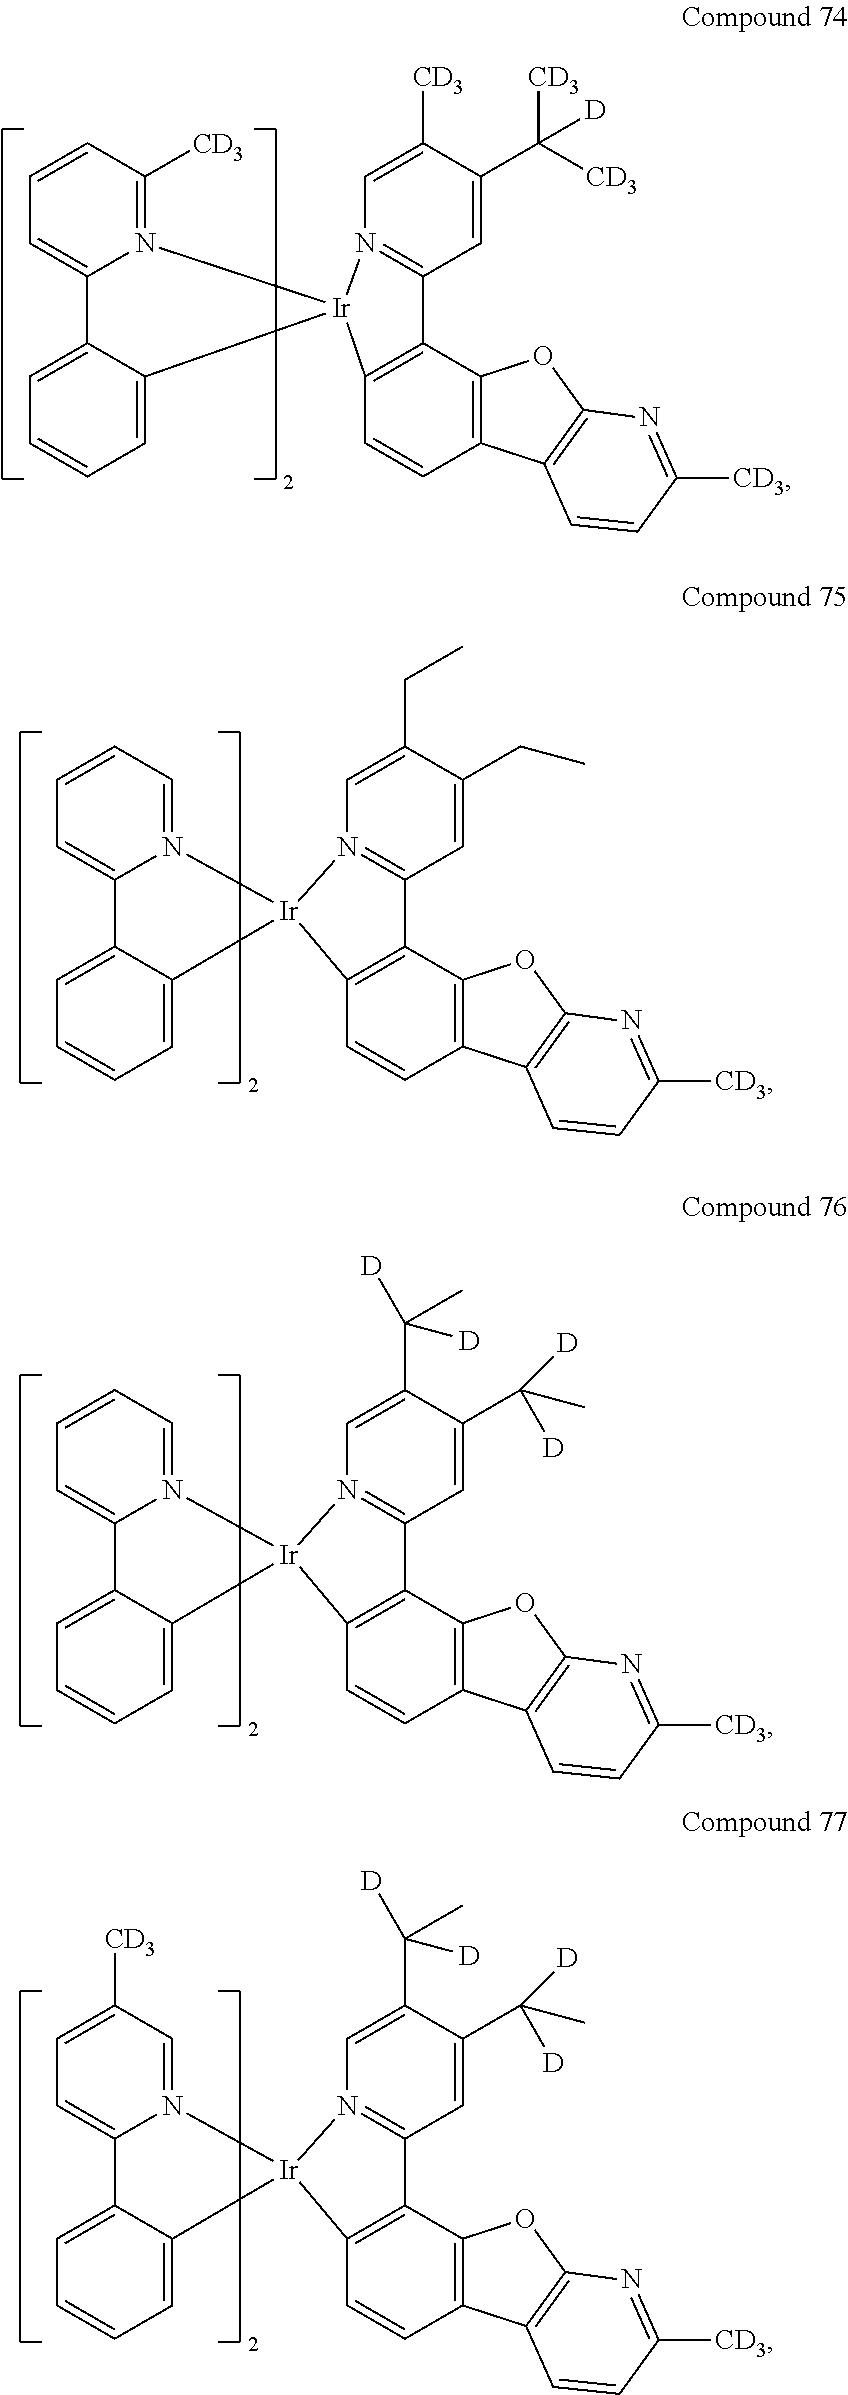 Figure US20160049599A1-20160218-C00165